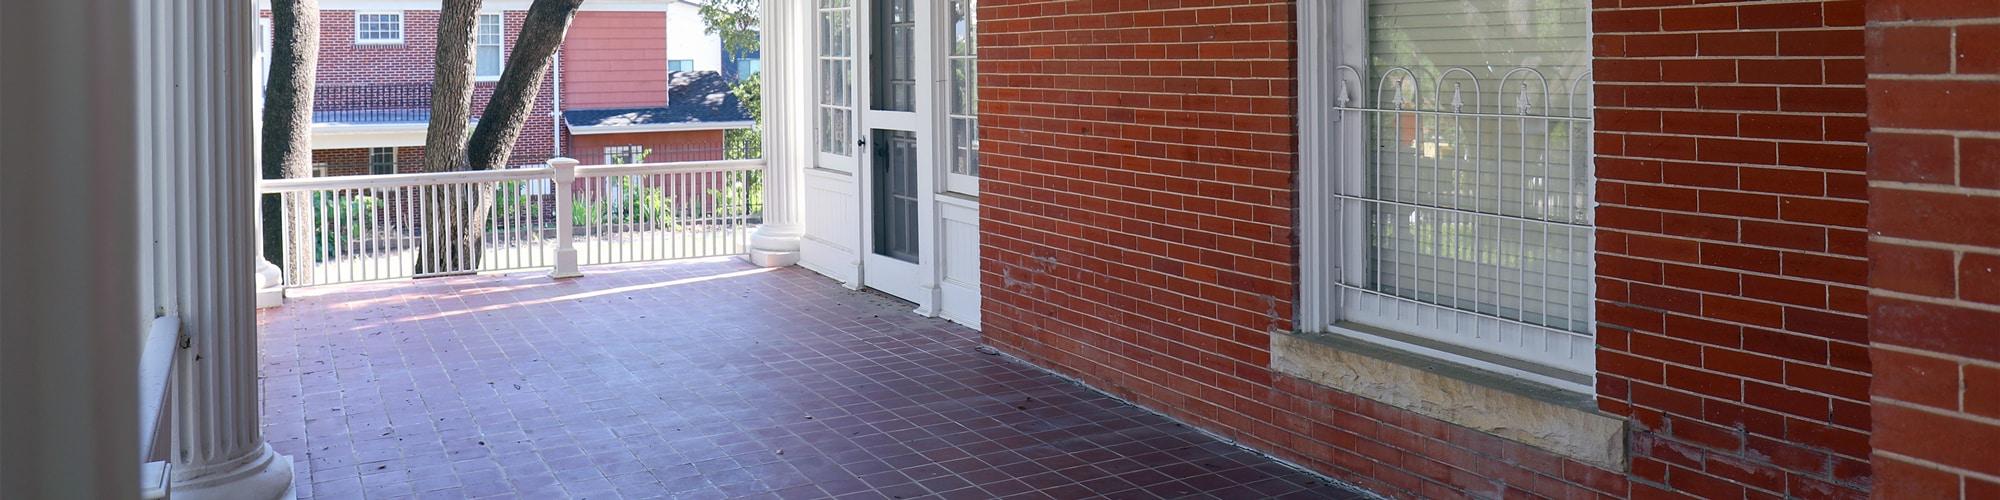 1402-West-Avenue-Porch